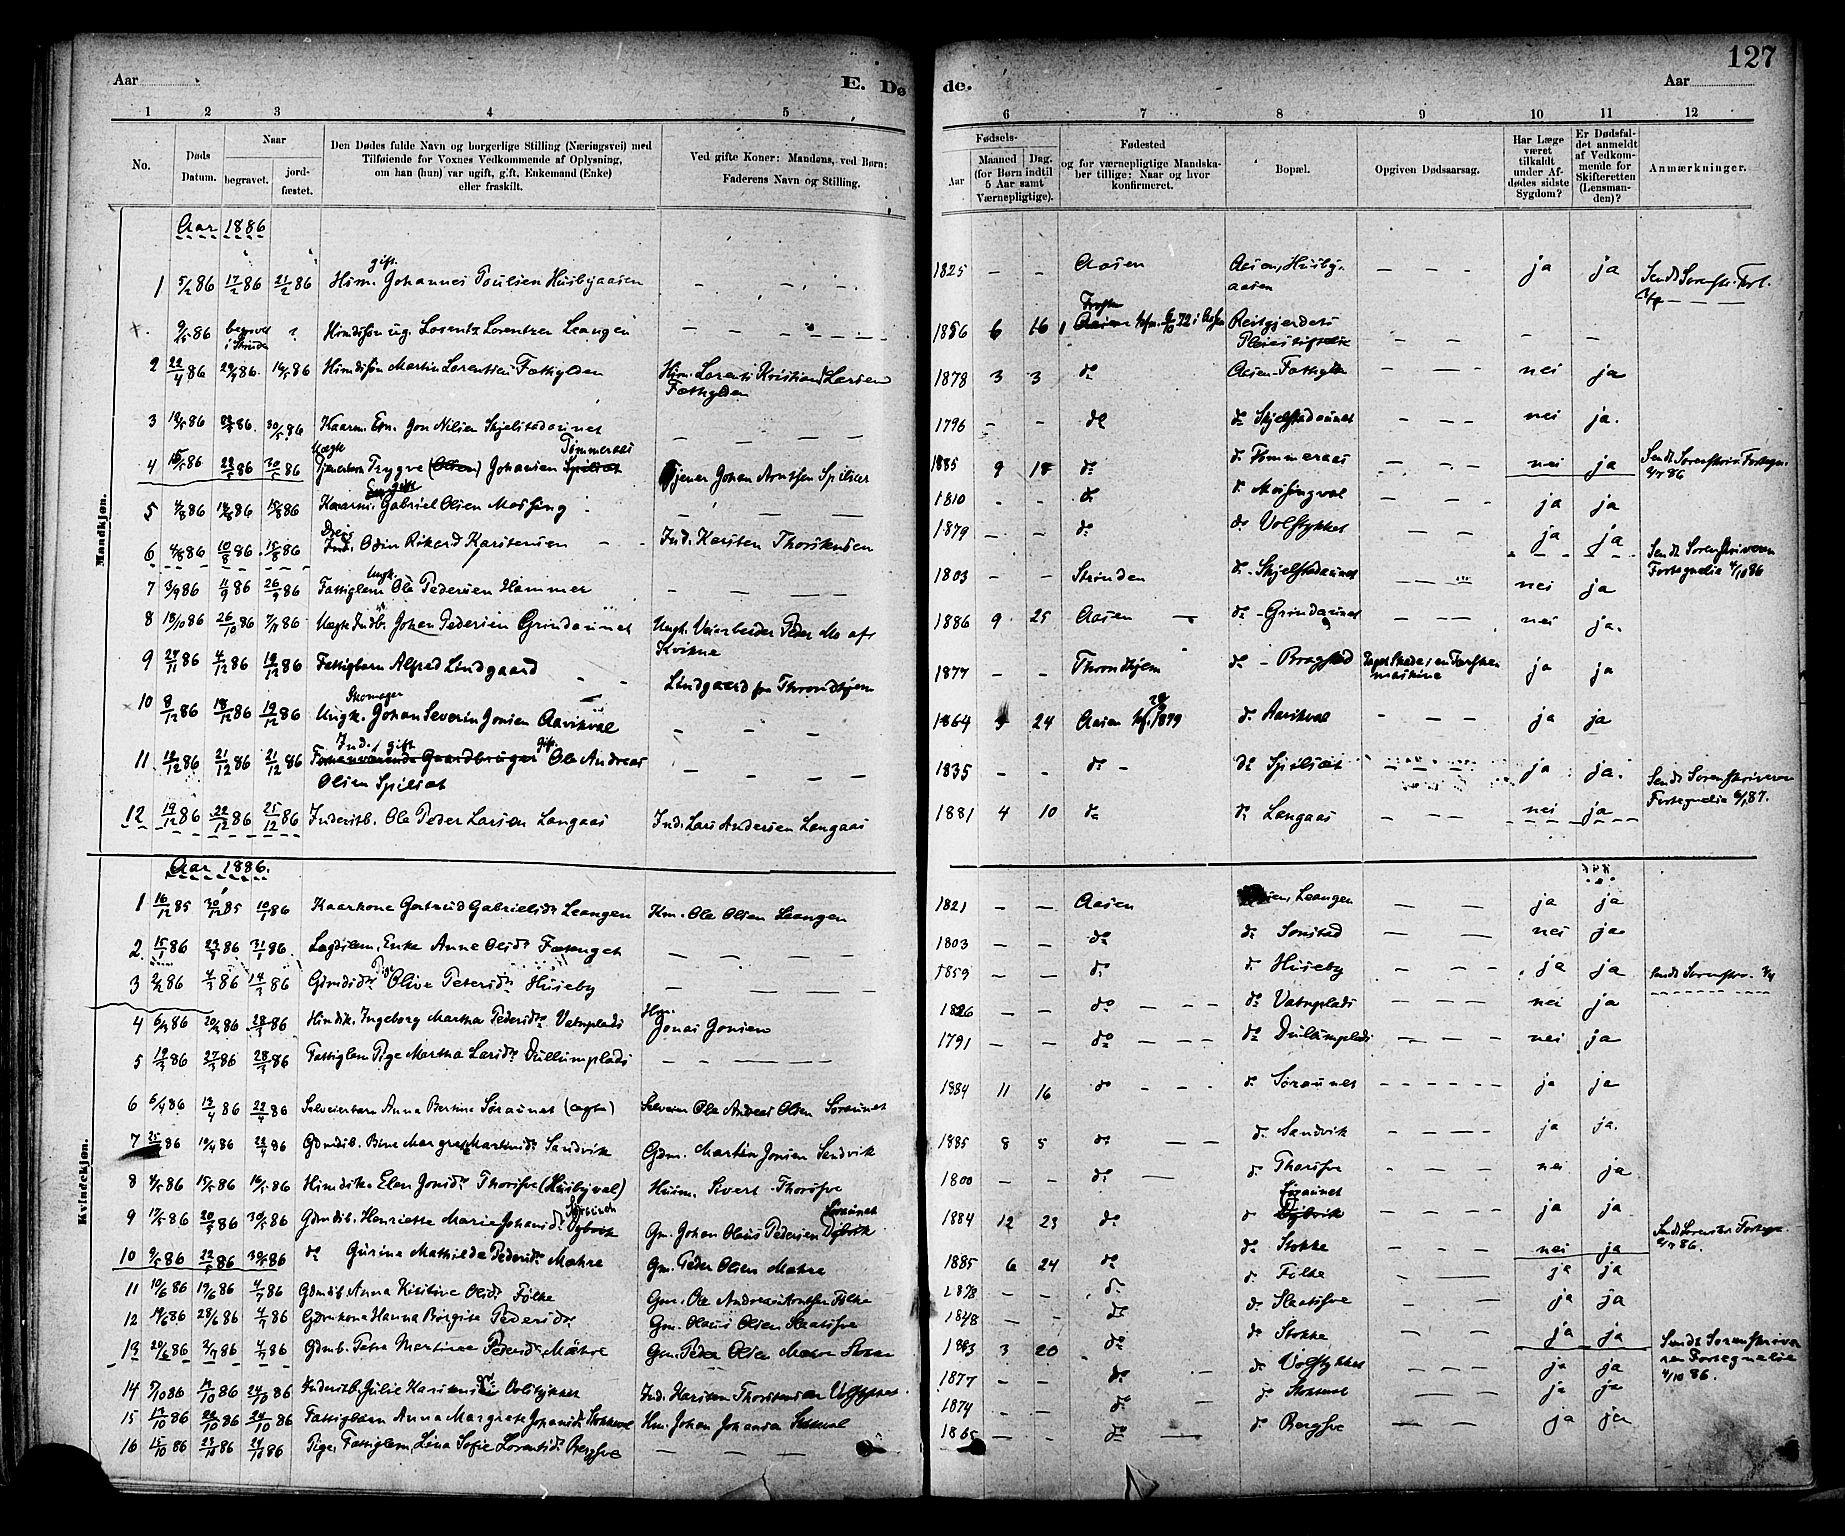 SAT, Ministerialprotokoller, klokkerbøker og fødselsregistre - Nord-Trøndelag, 714/L0130: Ministerialbok nr. 714A01, 1878-1895, s. 127